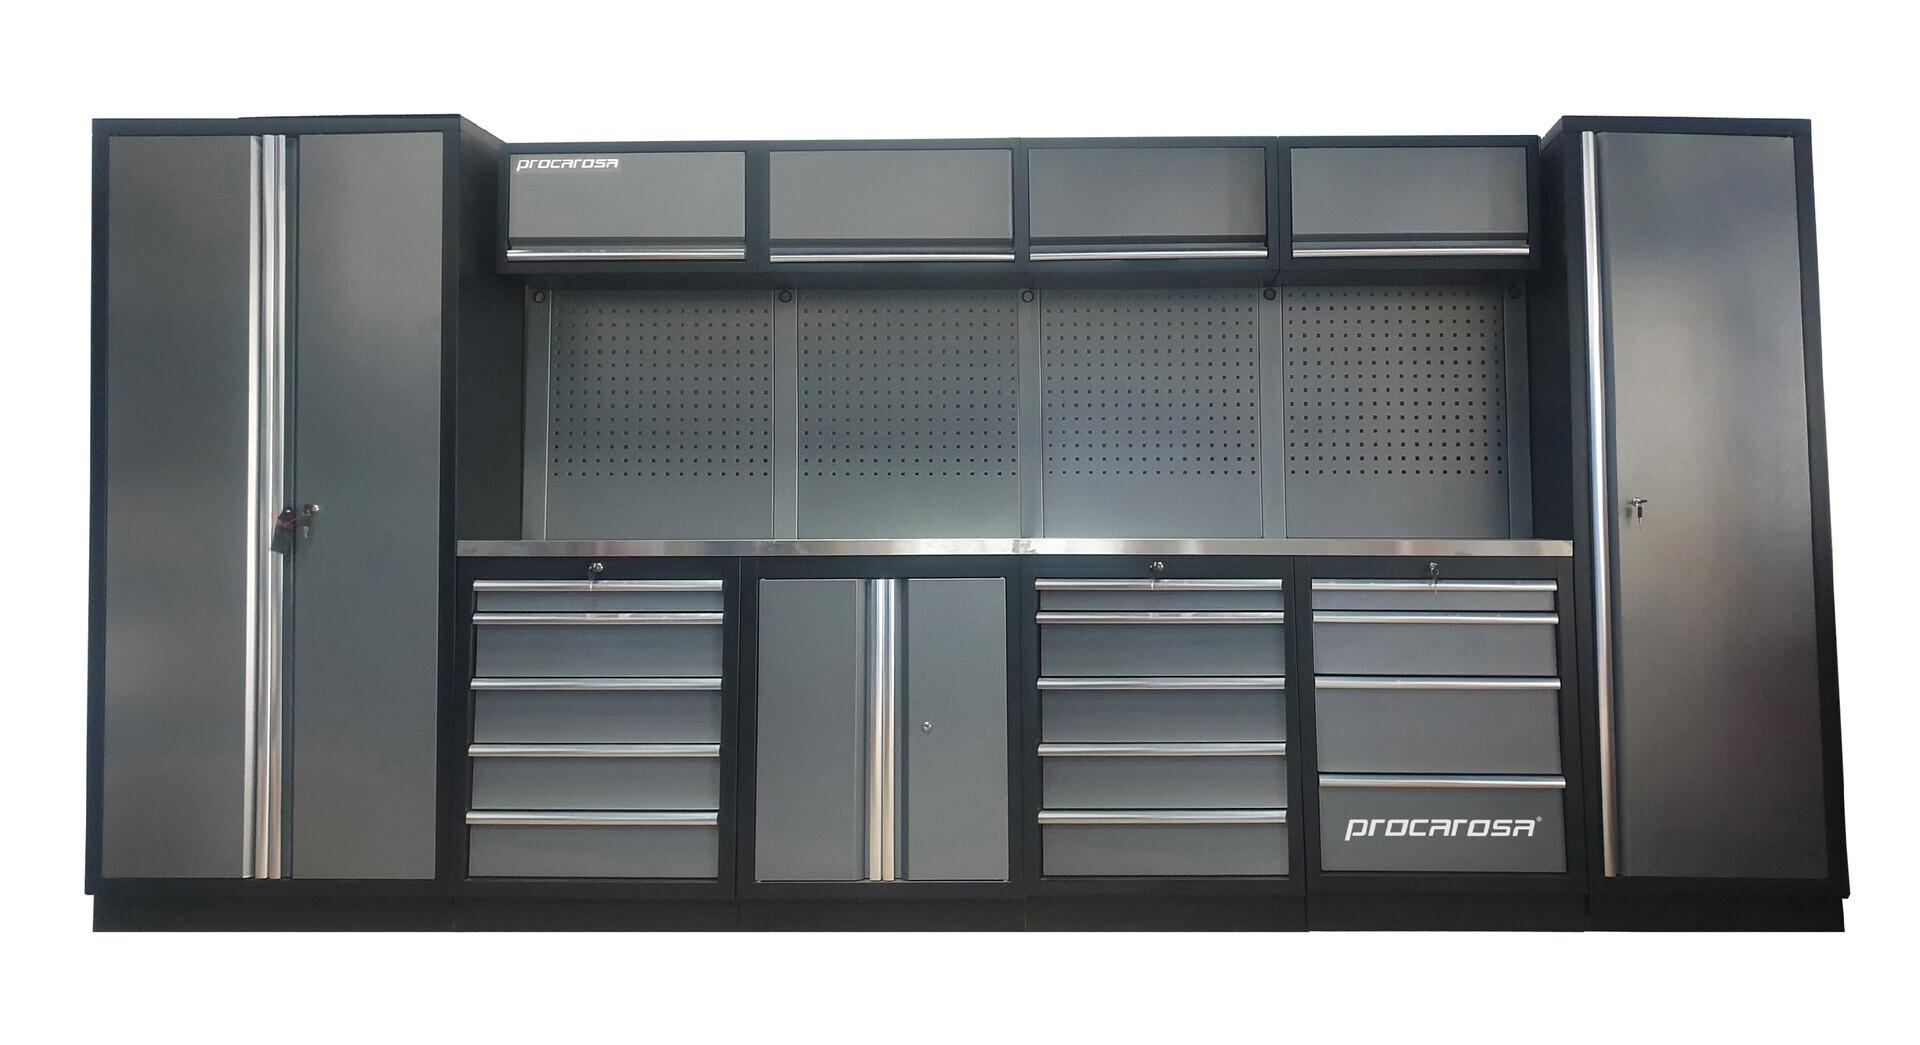 Sestava dílenského nábytku Procarosa PROFESSIONAL XL-6 Pracovní deska: nerezová, Hmotnost: